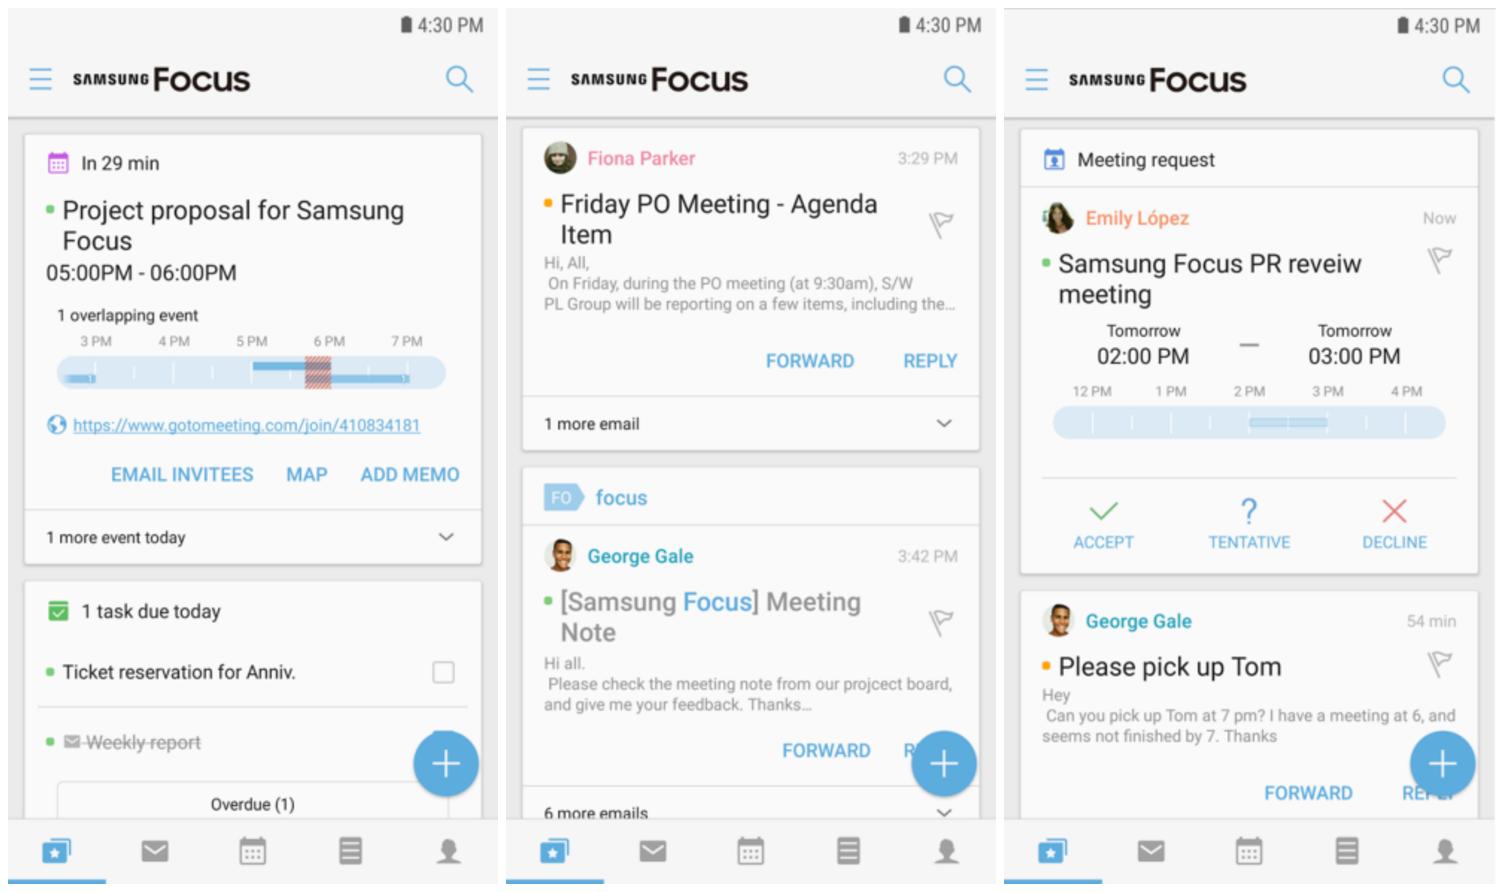 Samsungilta uusi sovellus Androidille: yhdistää sähköpostin, kalenterin ja paljon muuta   Mobiili.fi